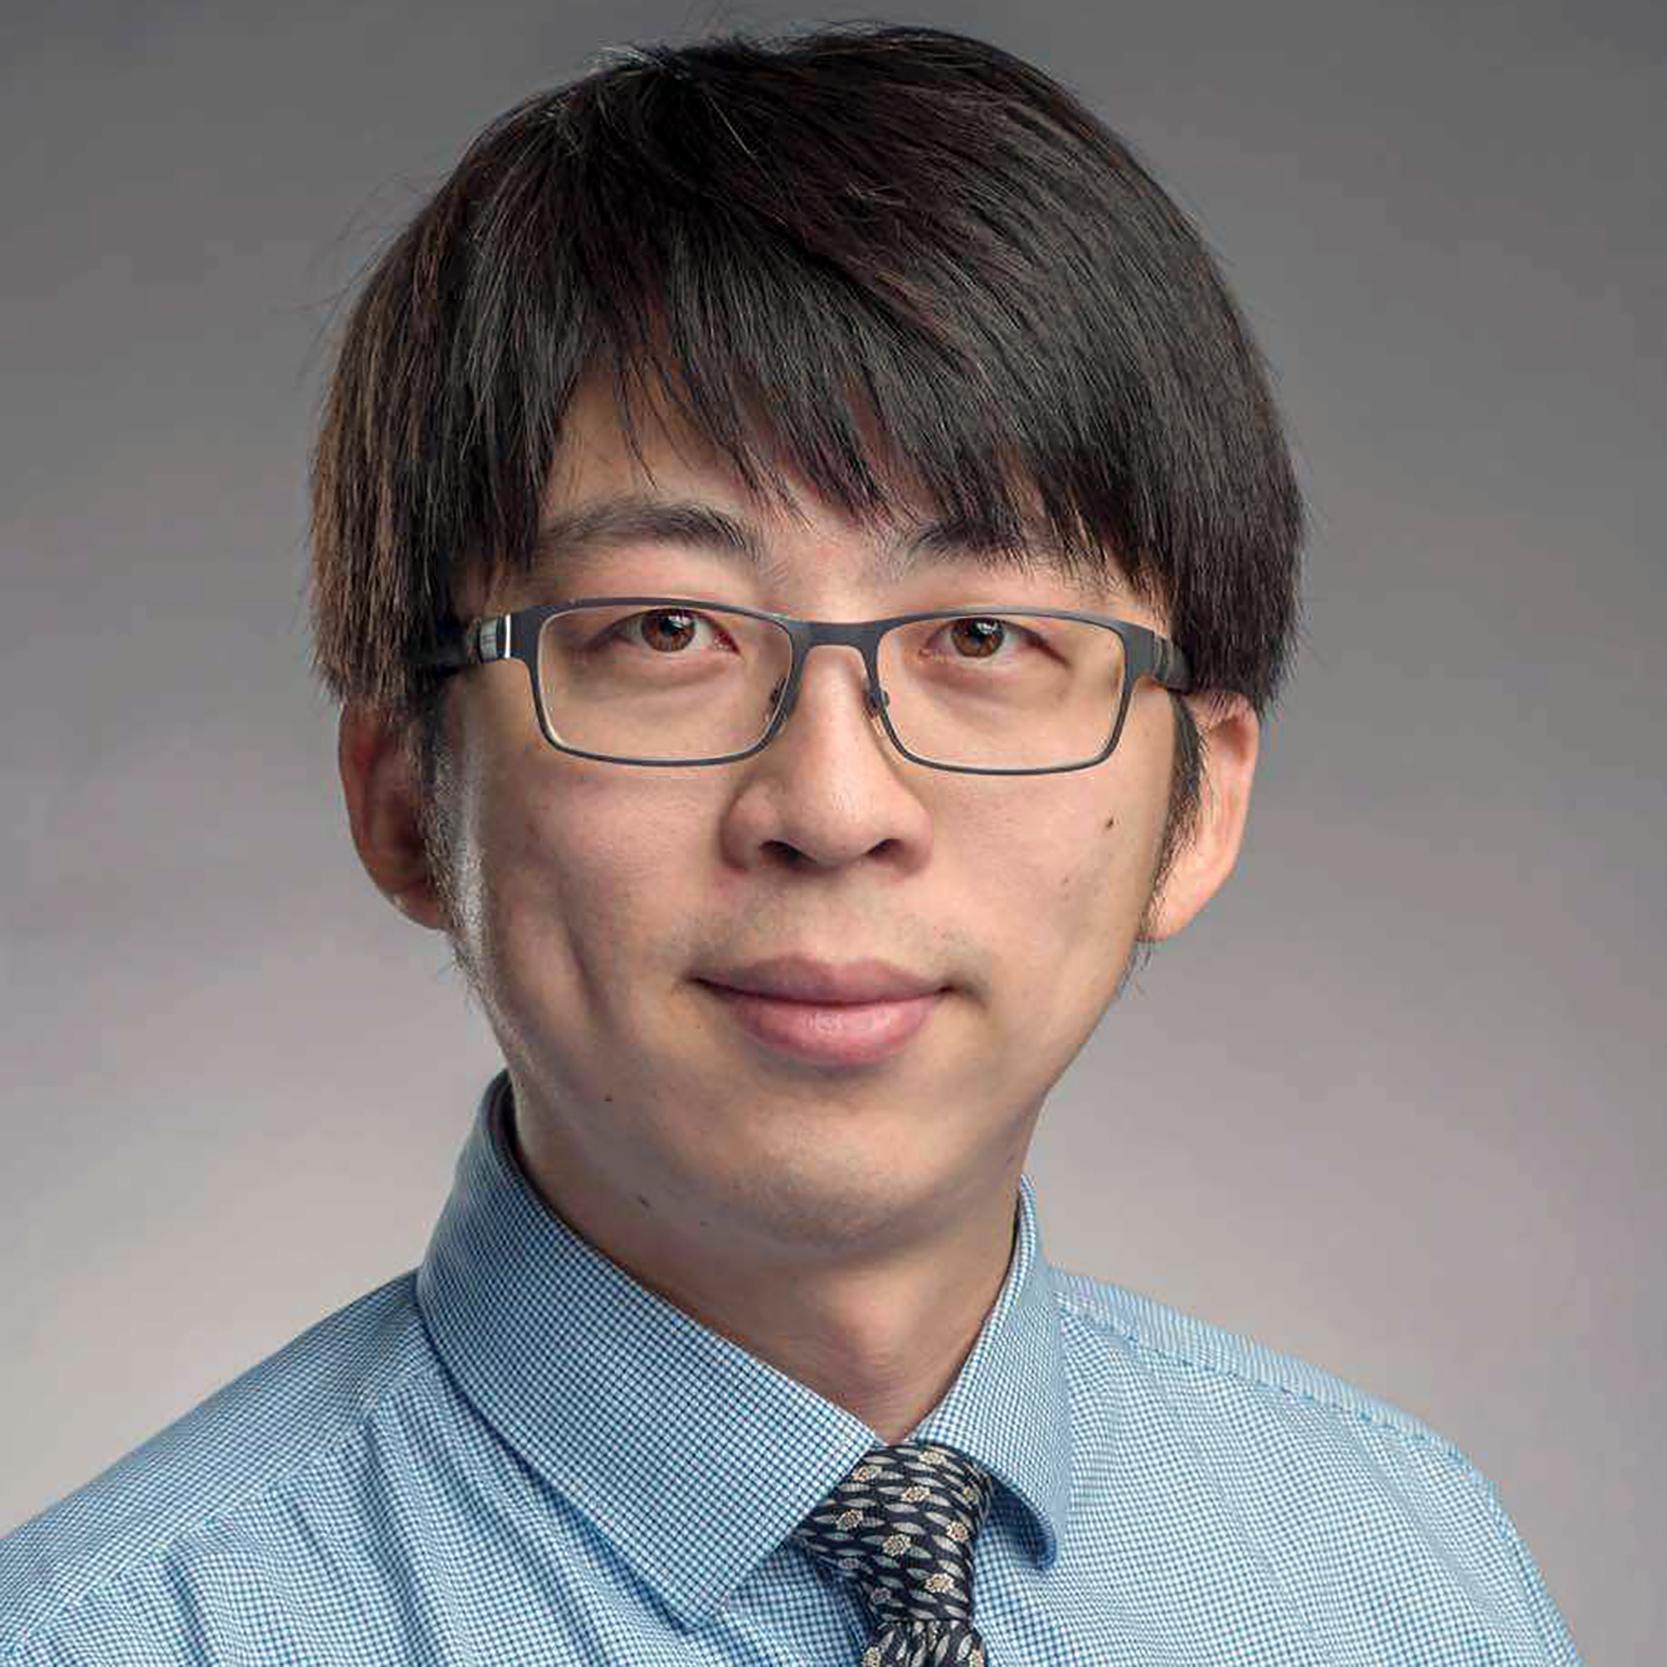 Dr. Jiaqi Ma